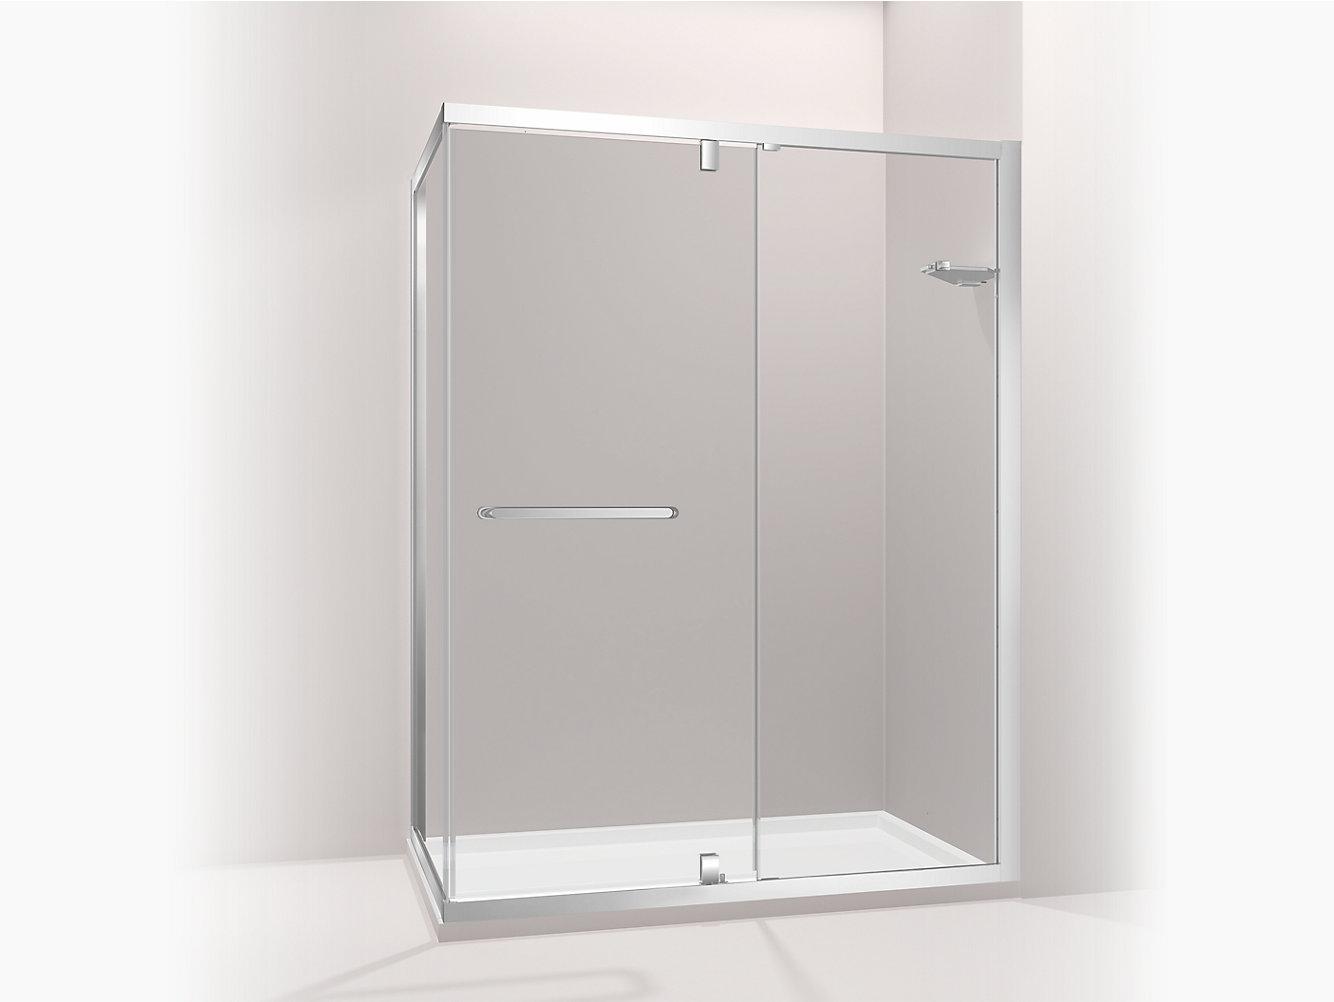 Skyline L-Shaped Shower Enclosure | 81019T-FM | KOHLER